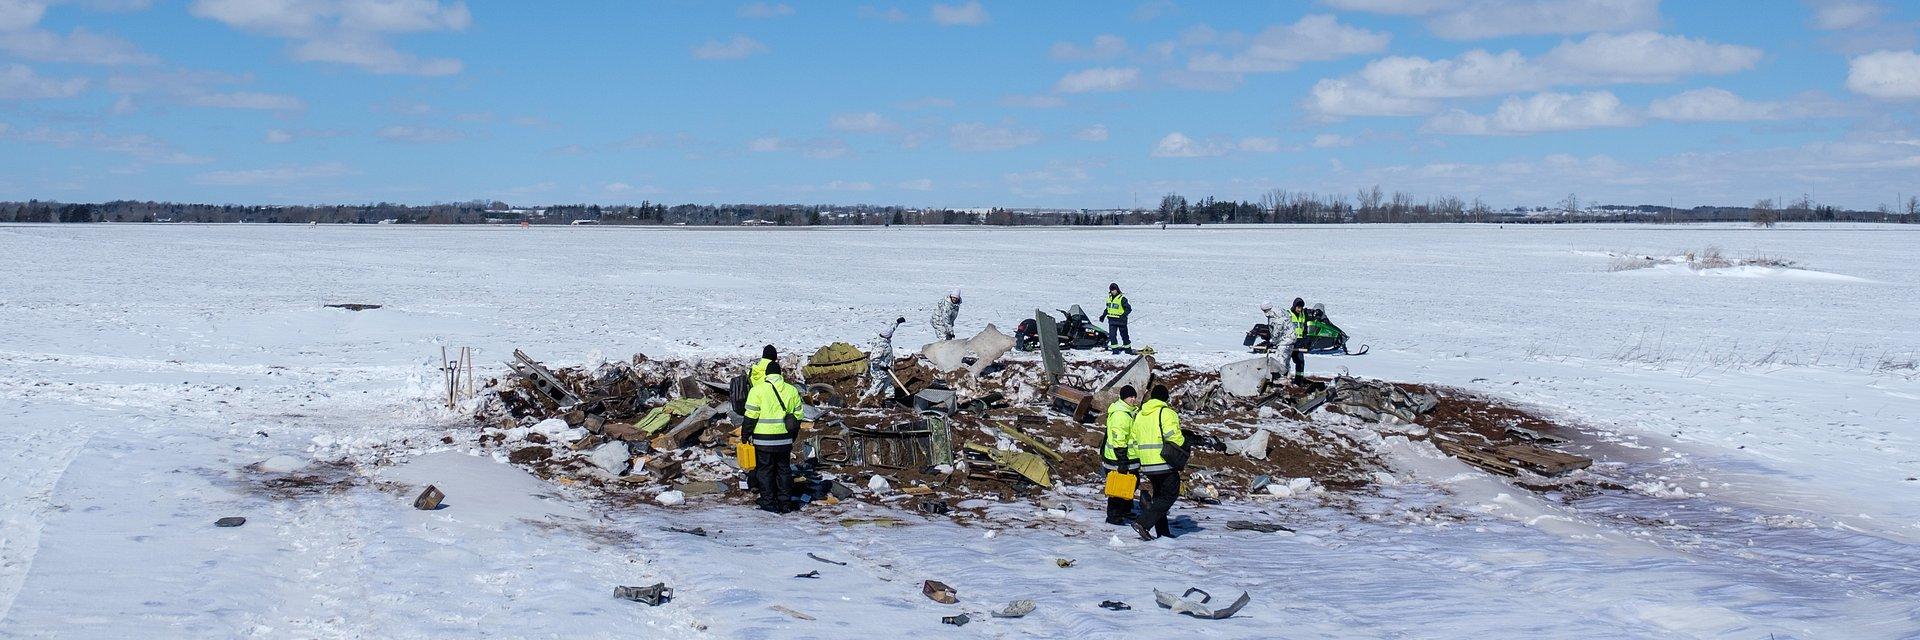 Czy tragedii da się zapobiec? Kanał National Geographic analizuje najsłynniejsze katastrofy lotnicze